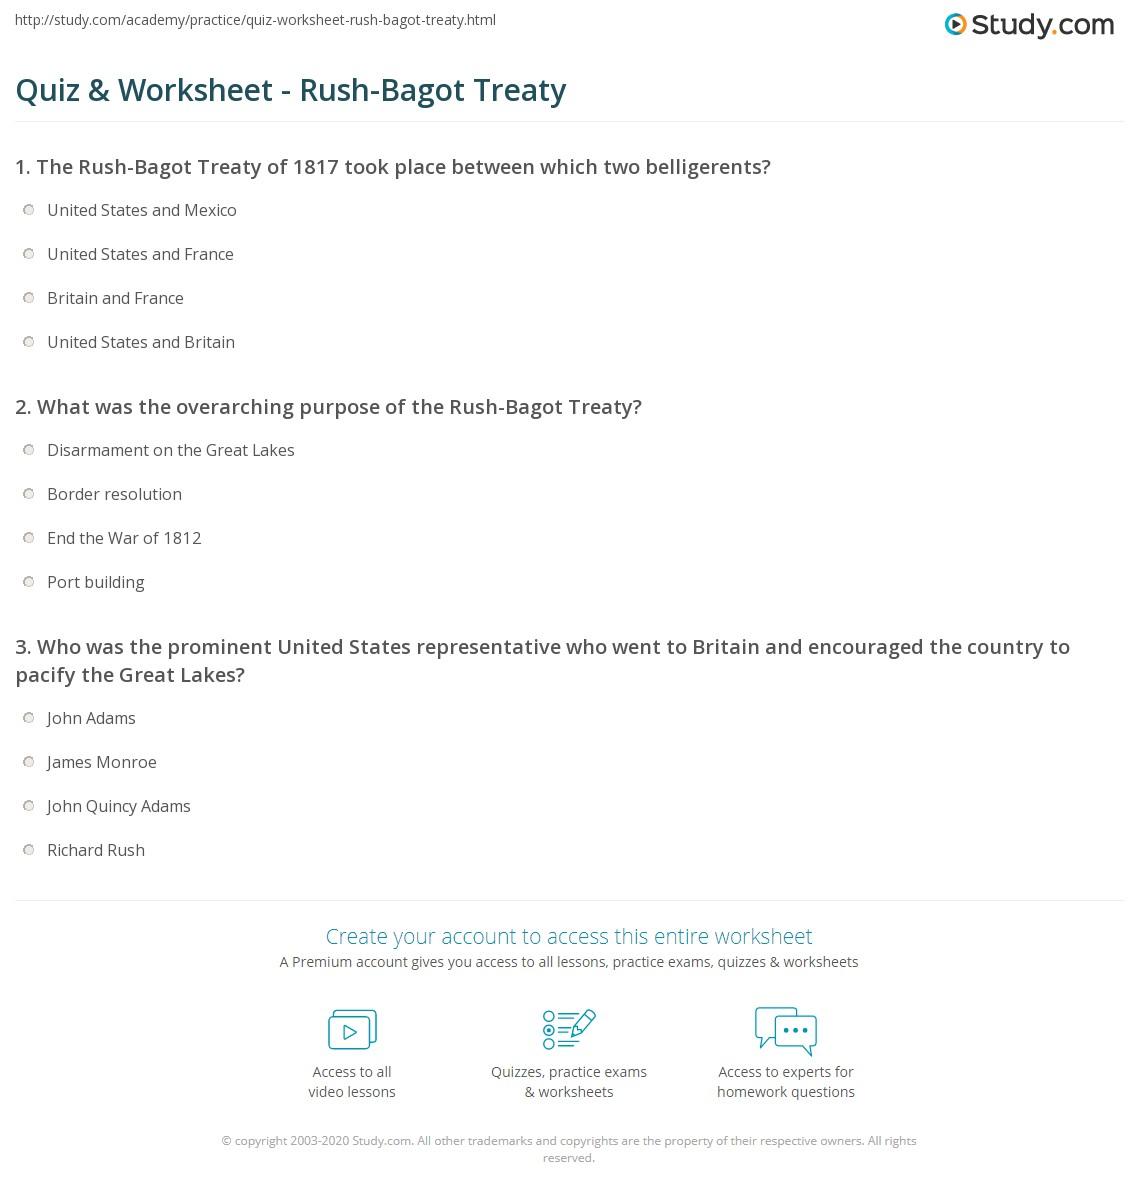 Quiz Worksheet Rush Bagot Treaty Study